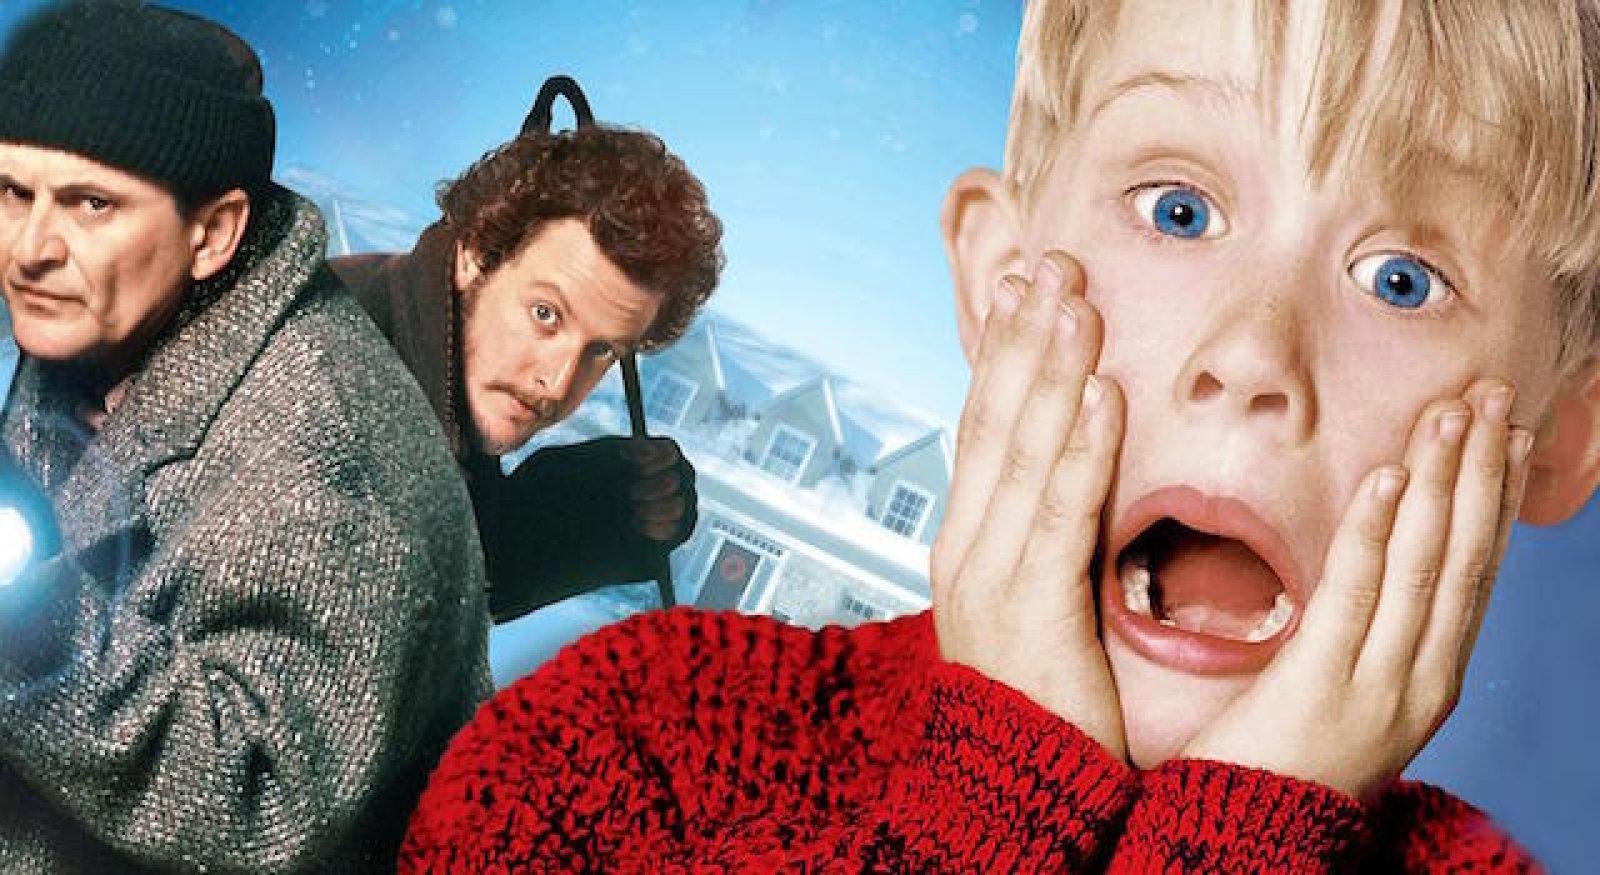 Sám doma: Předělávka kultovní rodinné komedie nabírá obsazení | Fandíme filmu